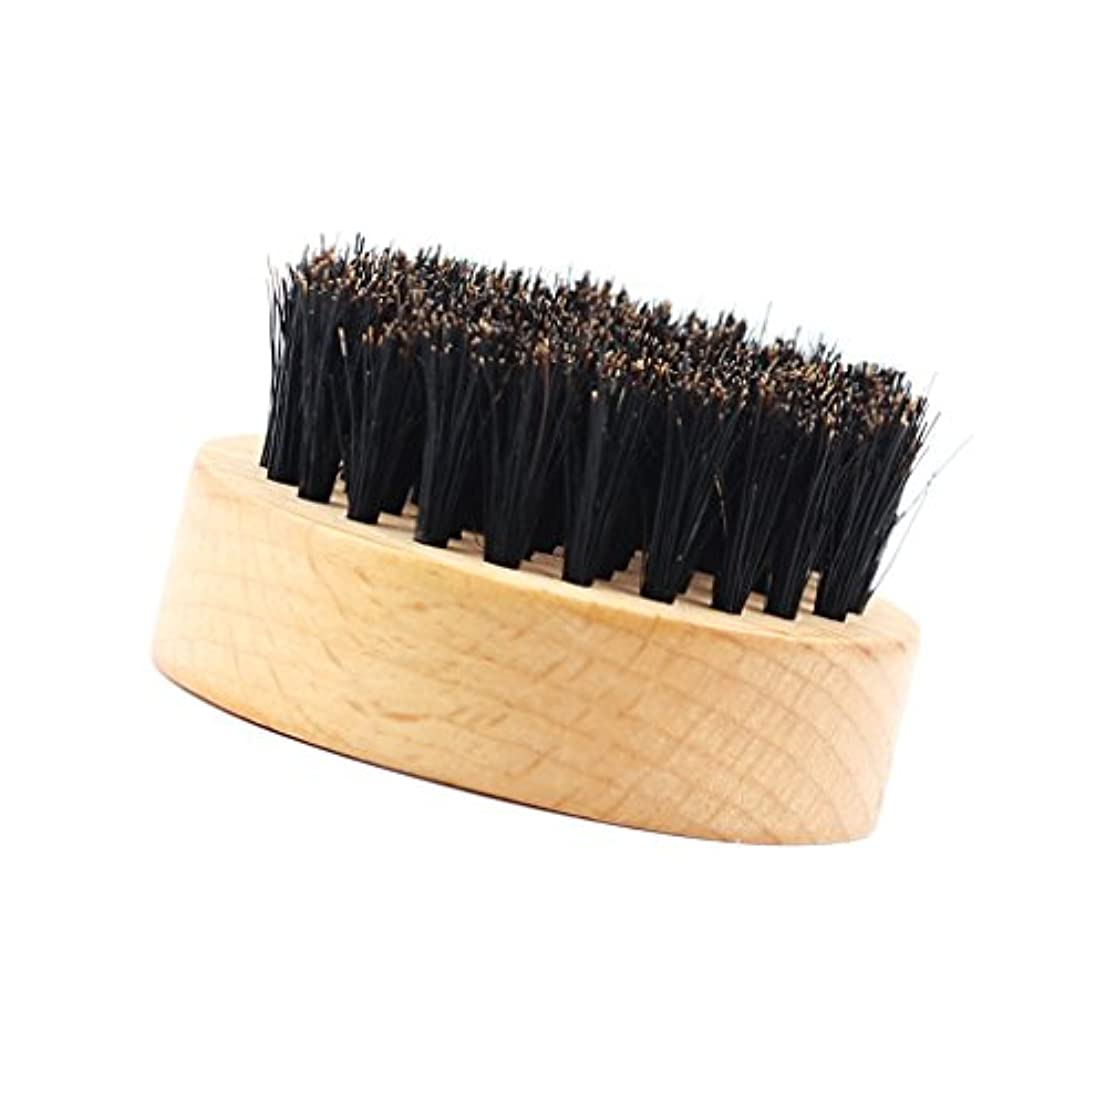 泥棒法律により是正Baosity 髭ブラシ ひげ剃り 豚毛 天然木ハンドル 口ひげケア 2タイプ選べる - #2